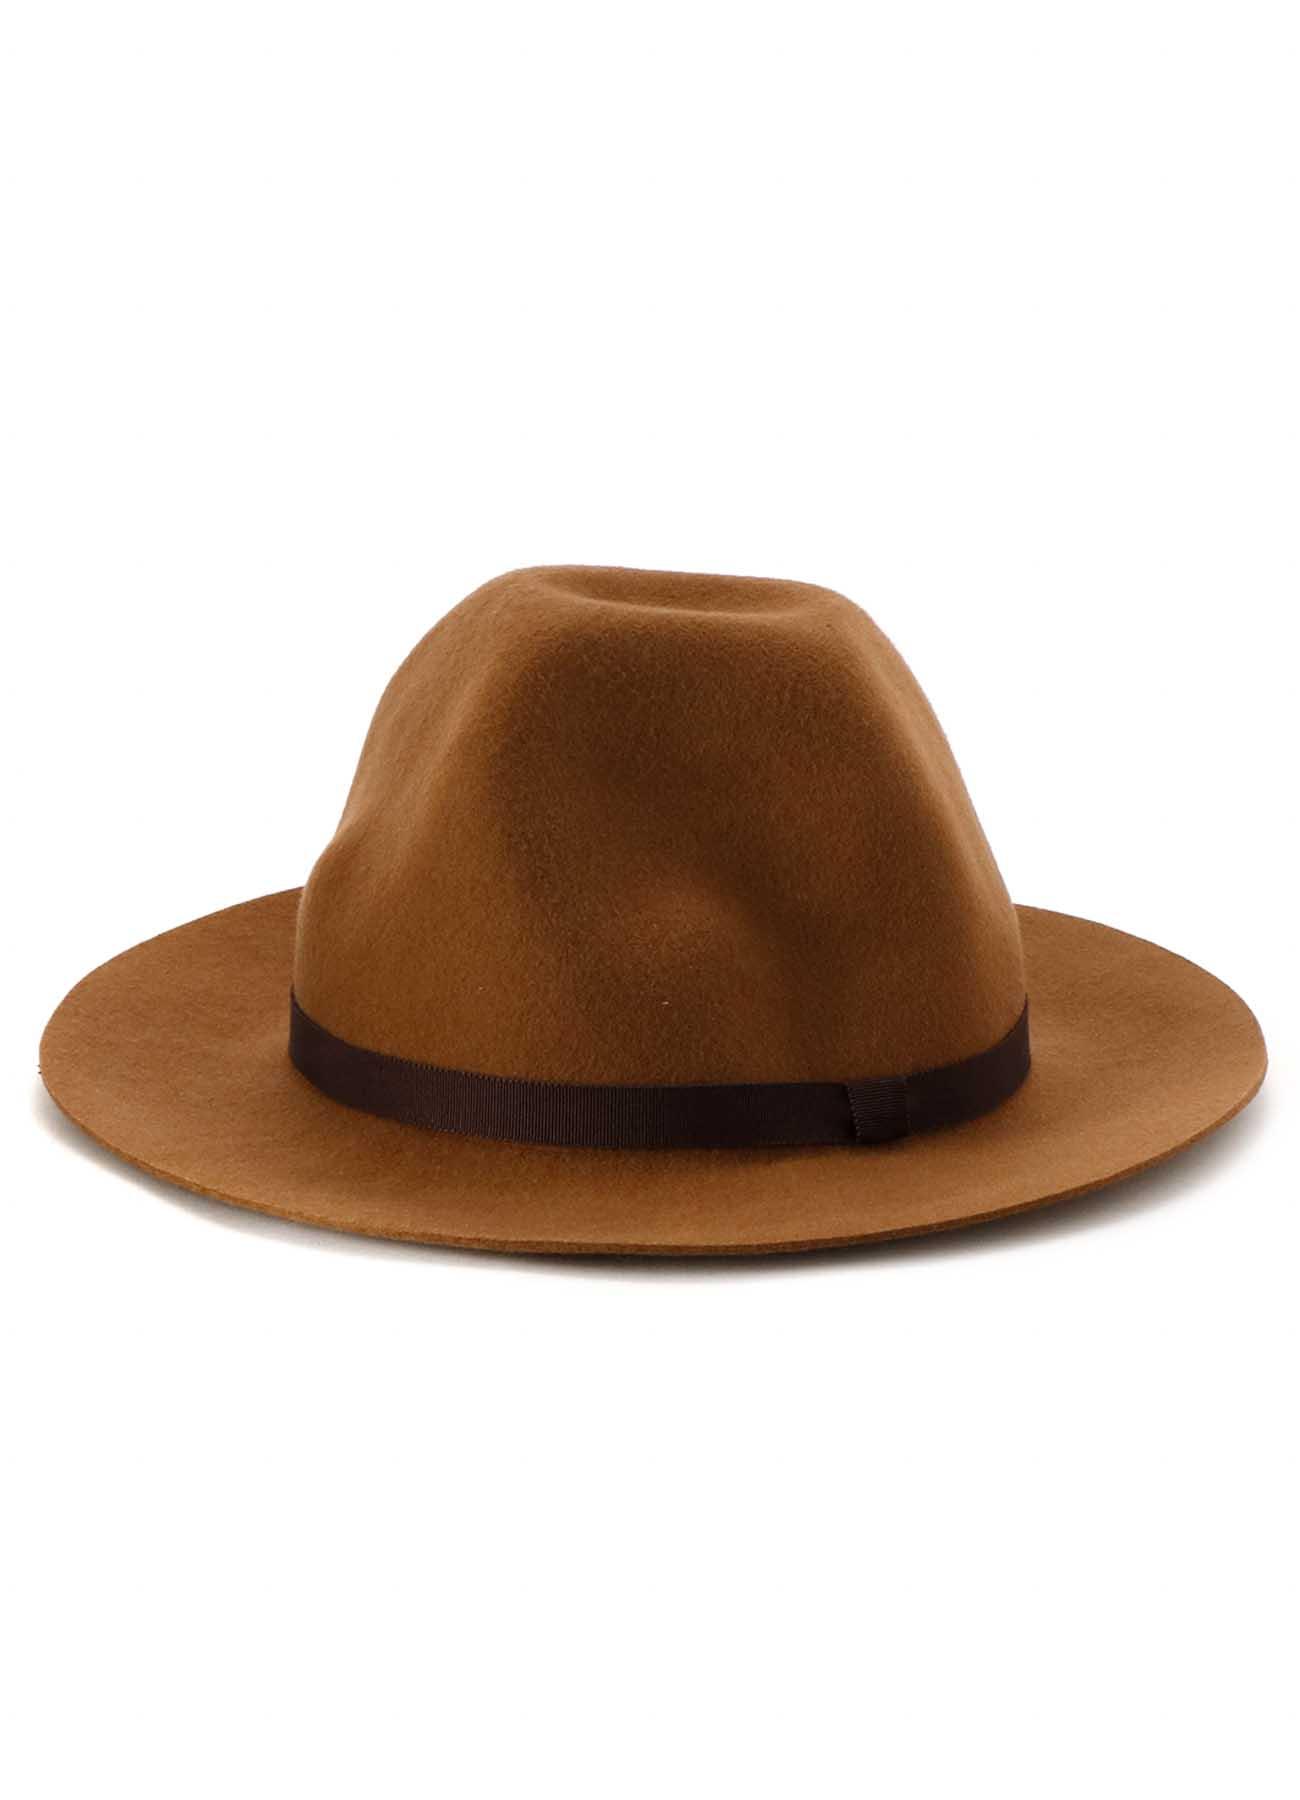 WOOL BODY BUMPY HAT